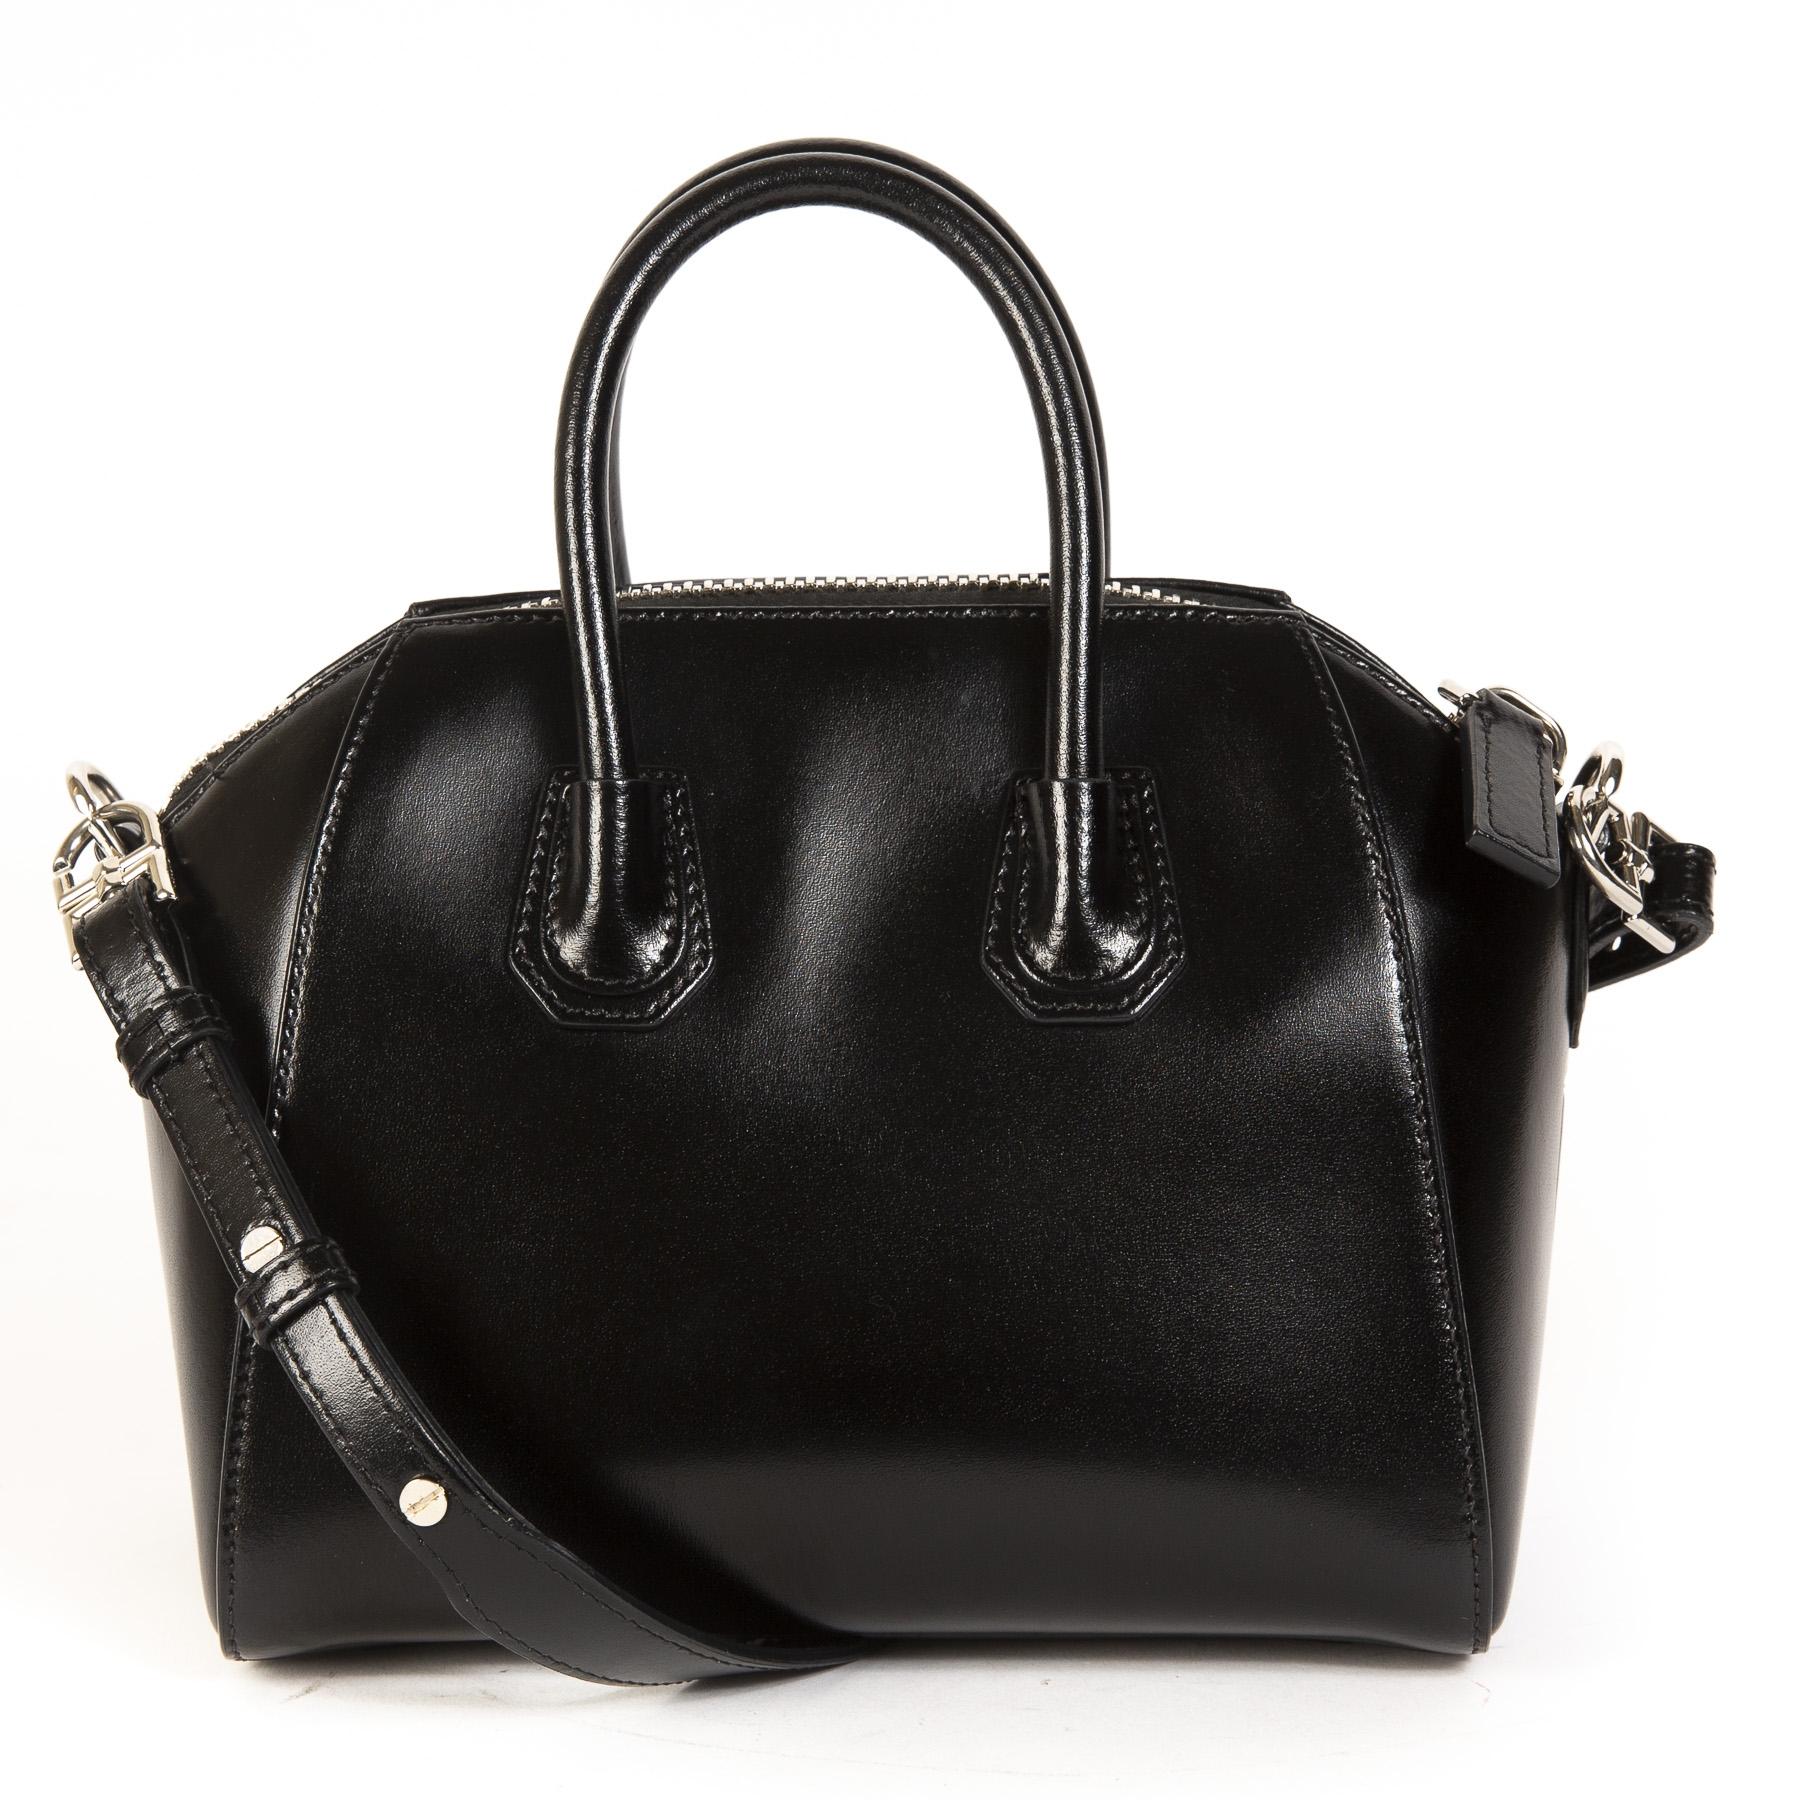 1e6d4078d73e Labellov Shop Authentic Vintage Luxury Designer Handbags Online ...